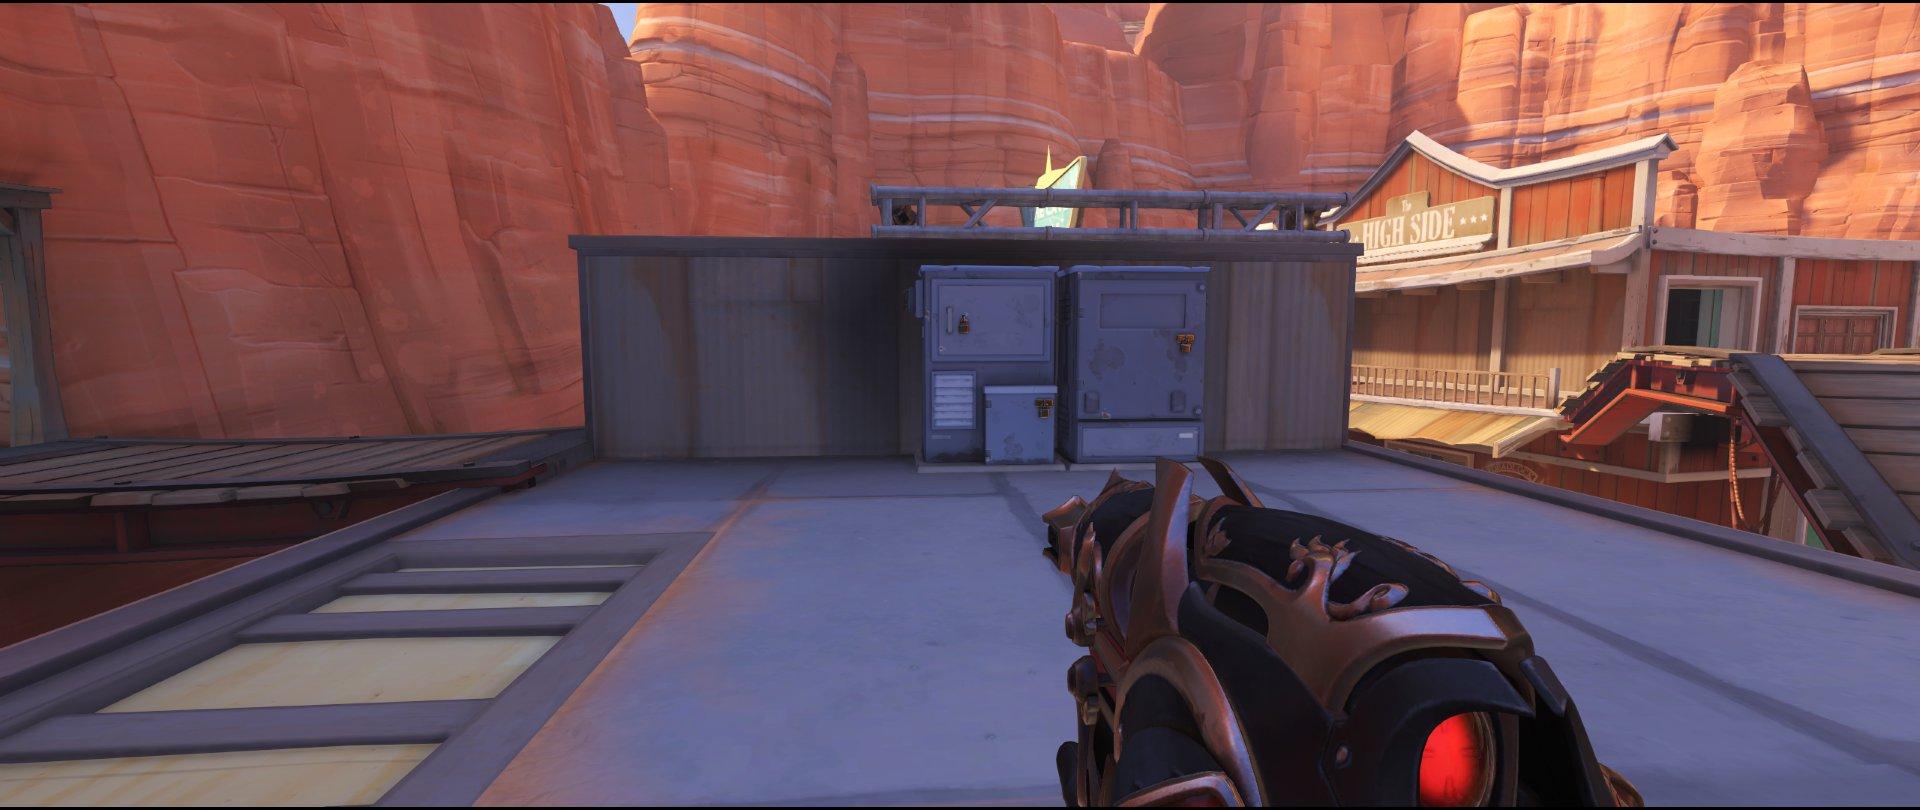 Zed defense sniping spot Widowmaker Route 66.jpg